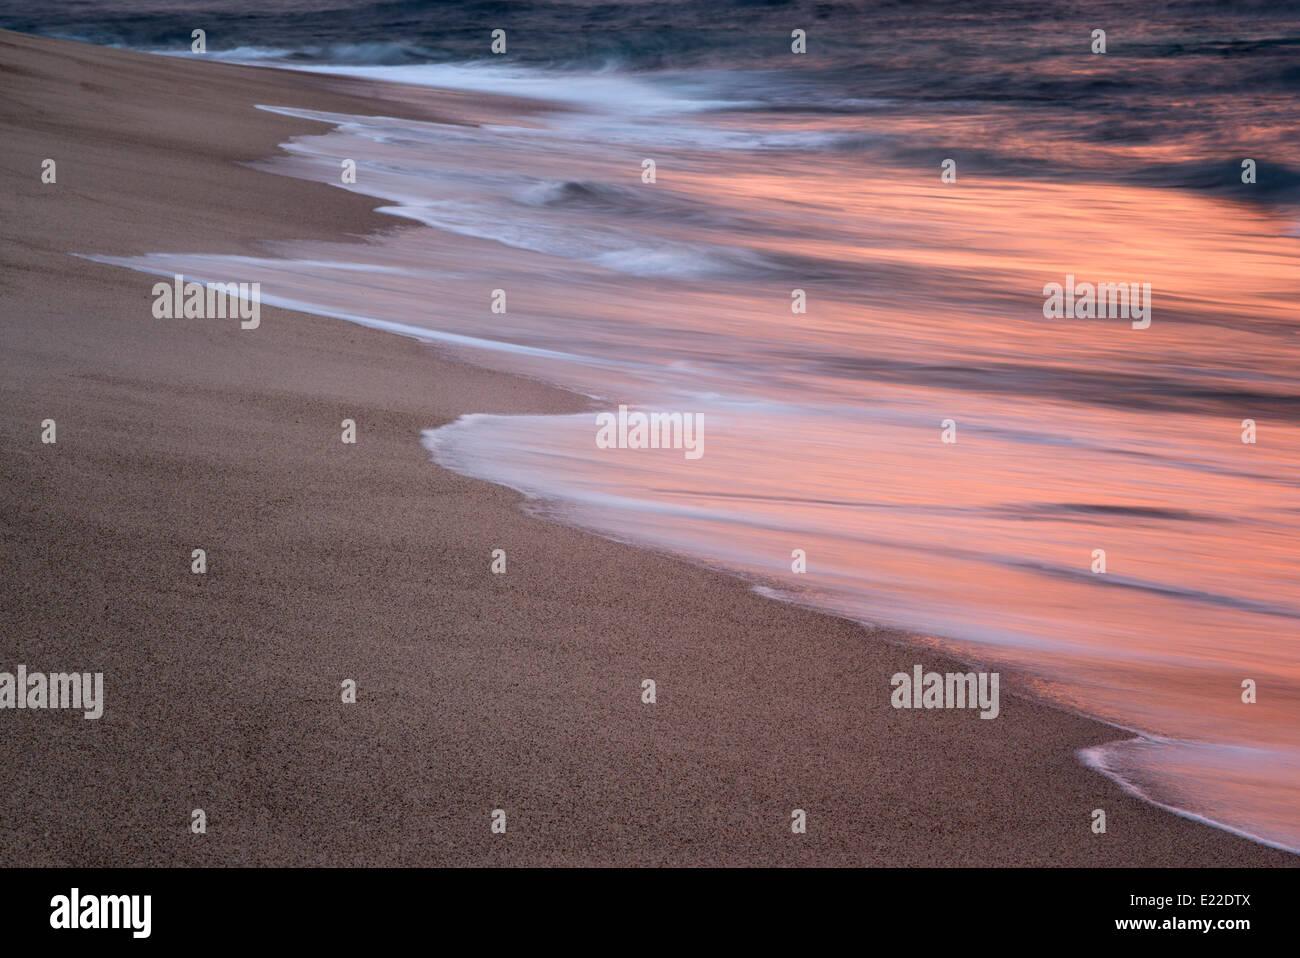 Onde oceaniche che riflette il tramonto. Punta Mita, Messico Immagini Stock